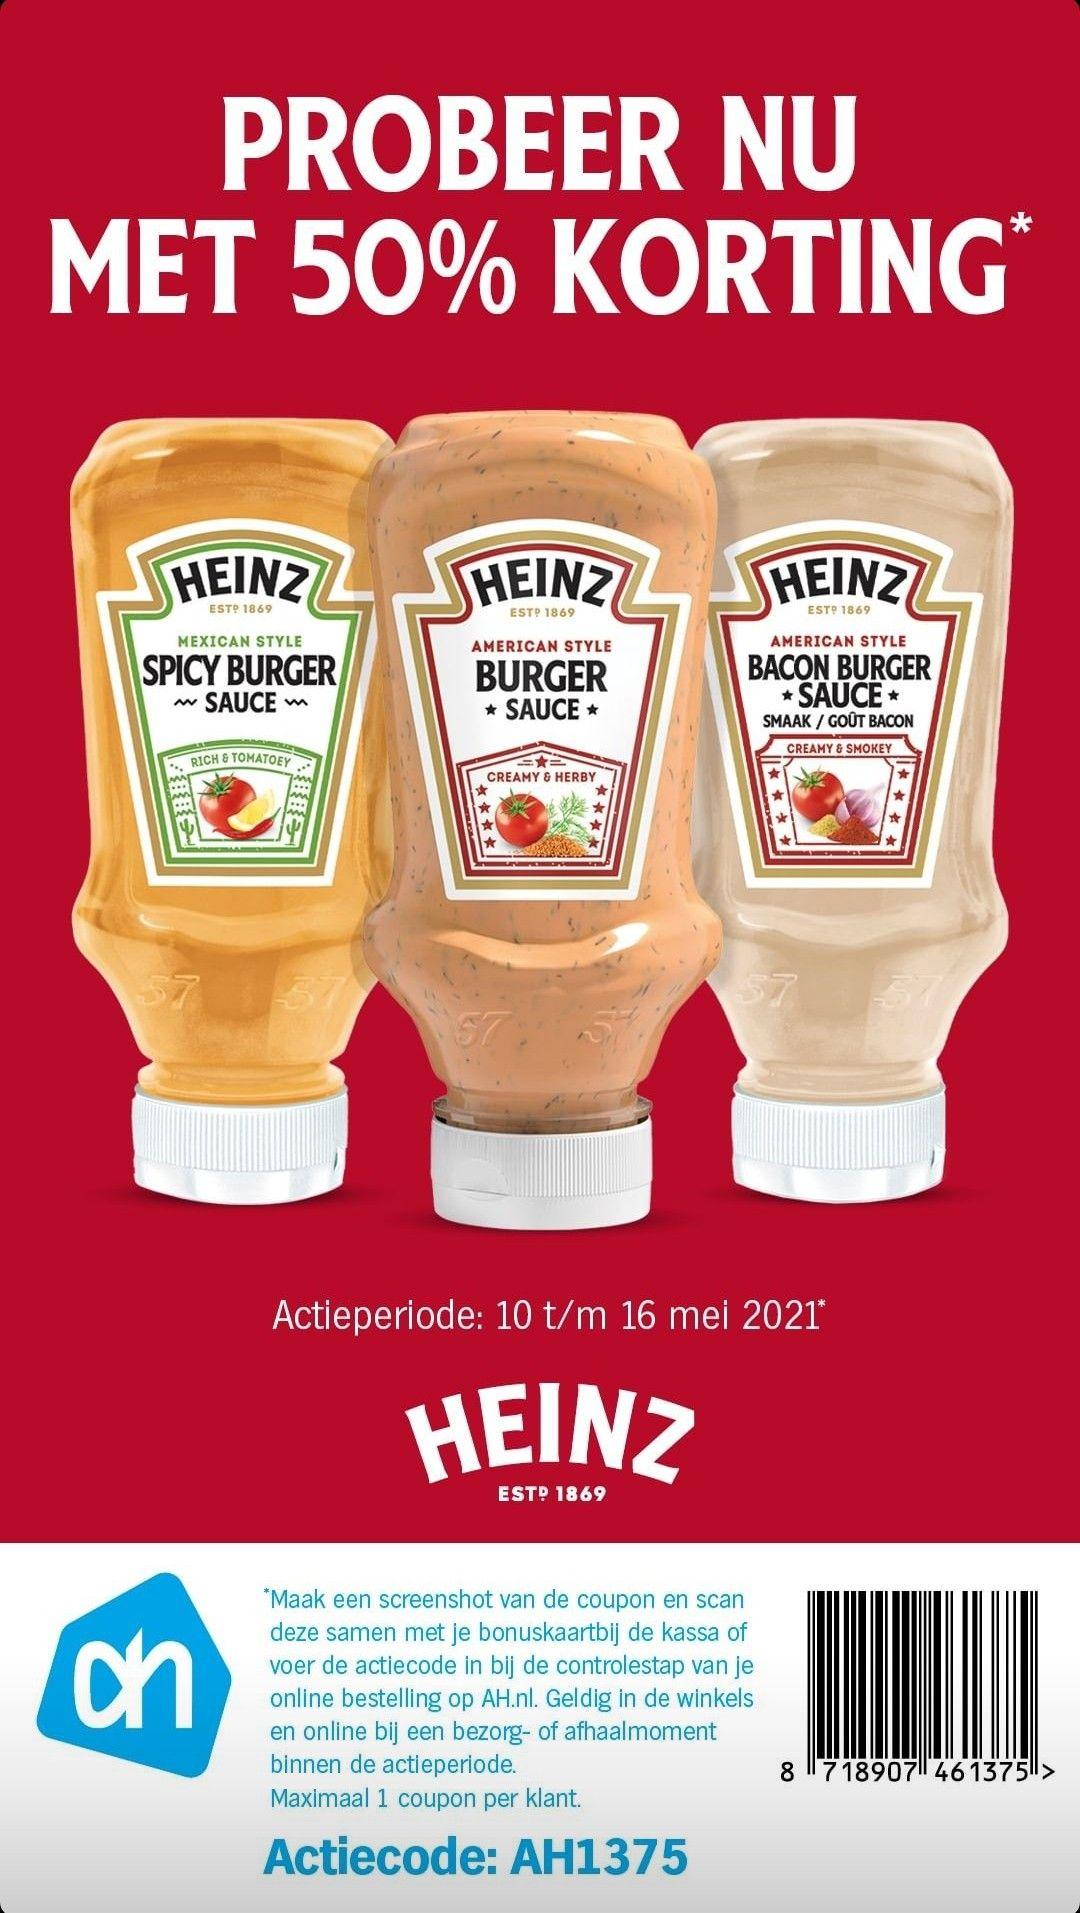 [Albert Heijn] Heinz burger saus 50% korting met barcode in foto